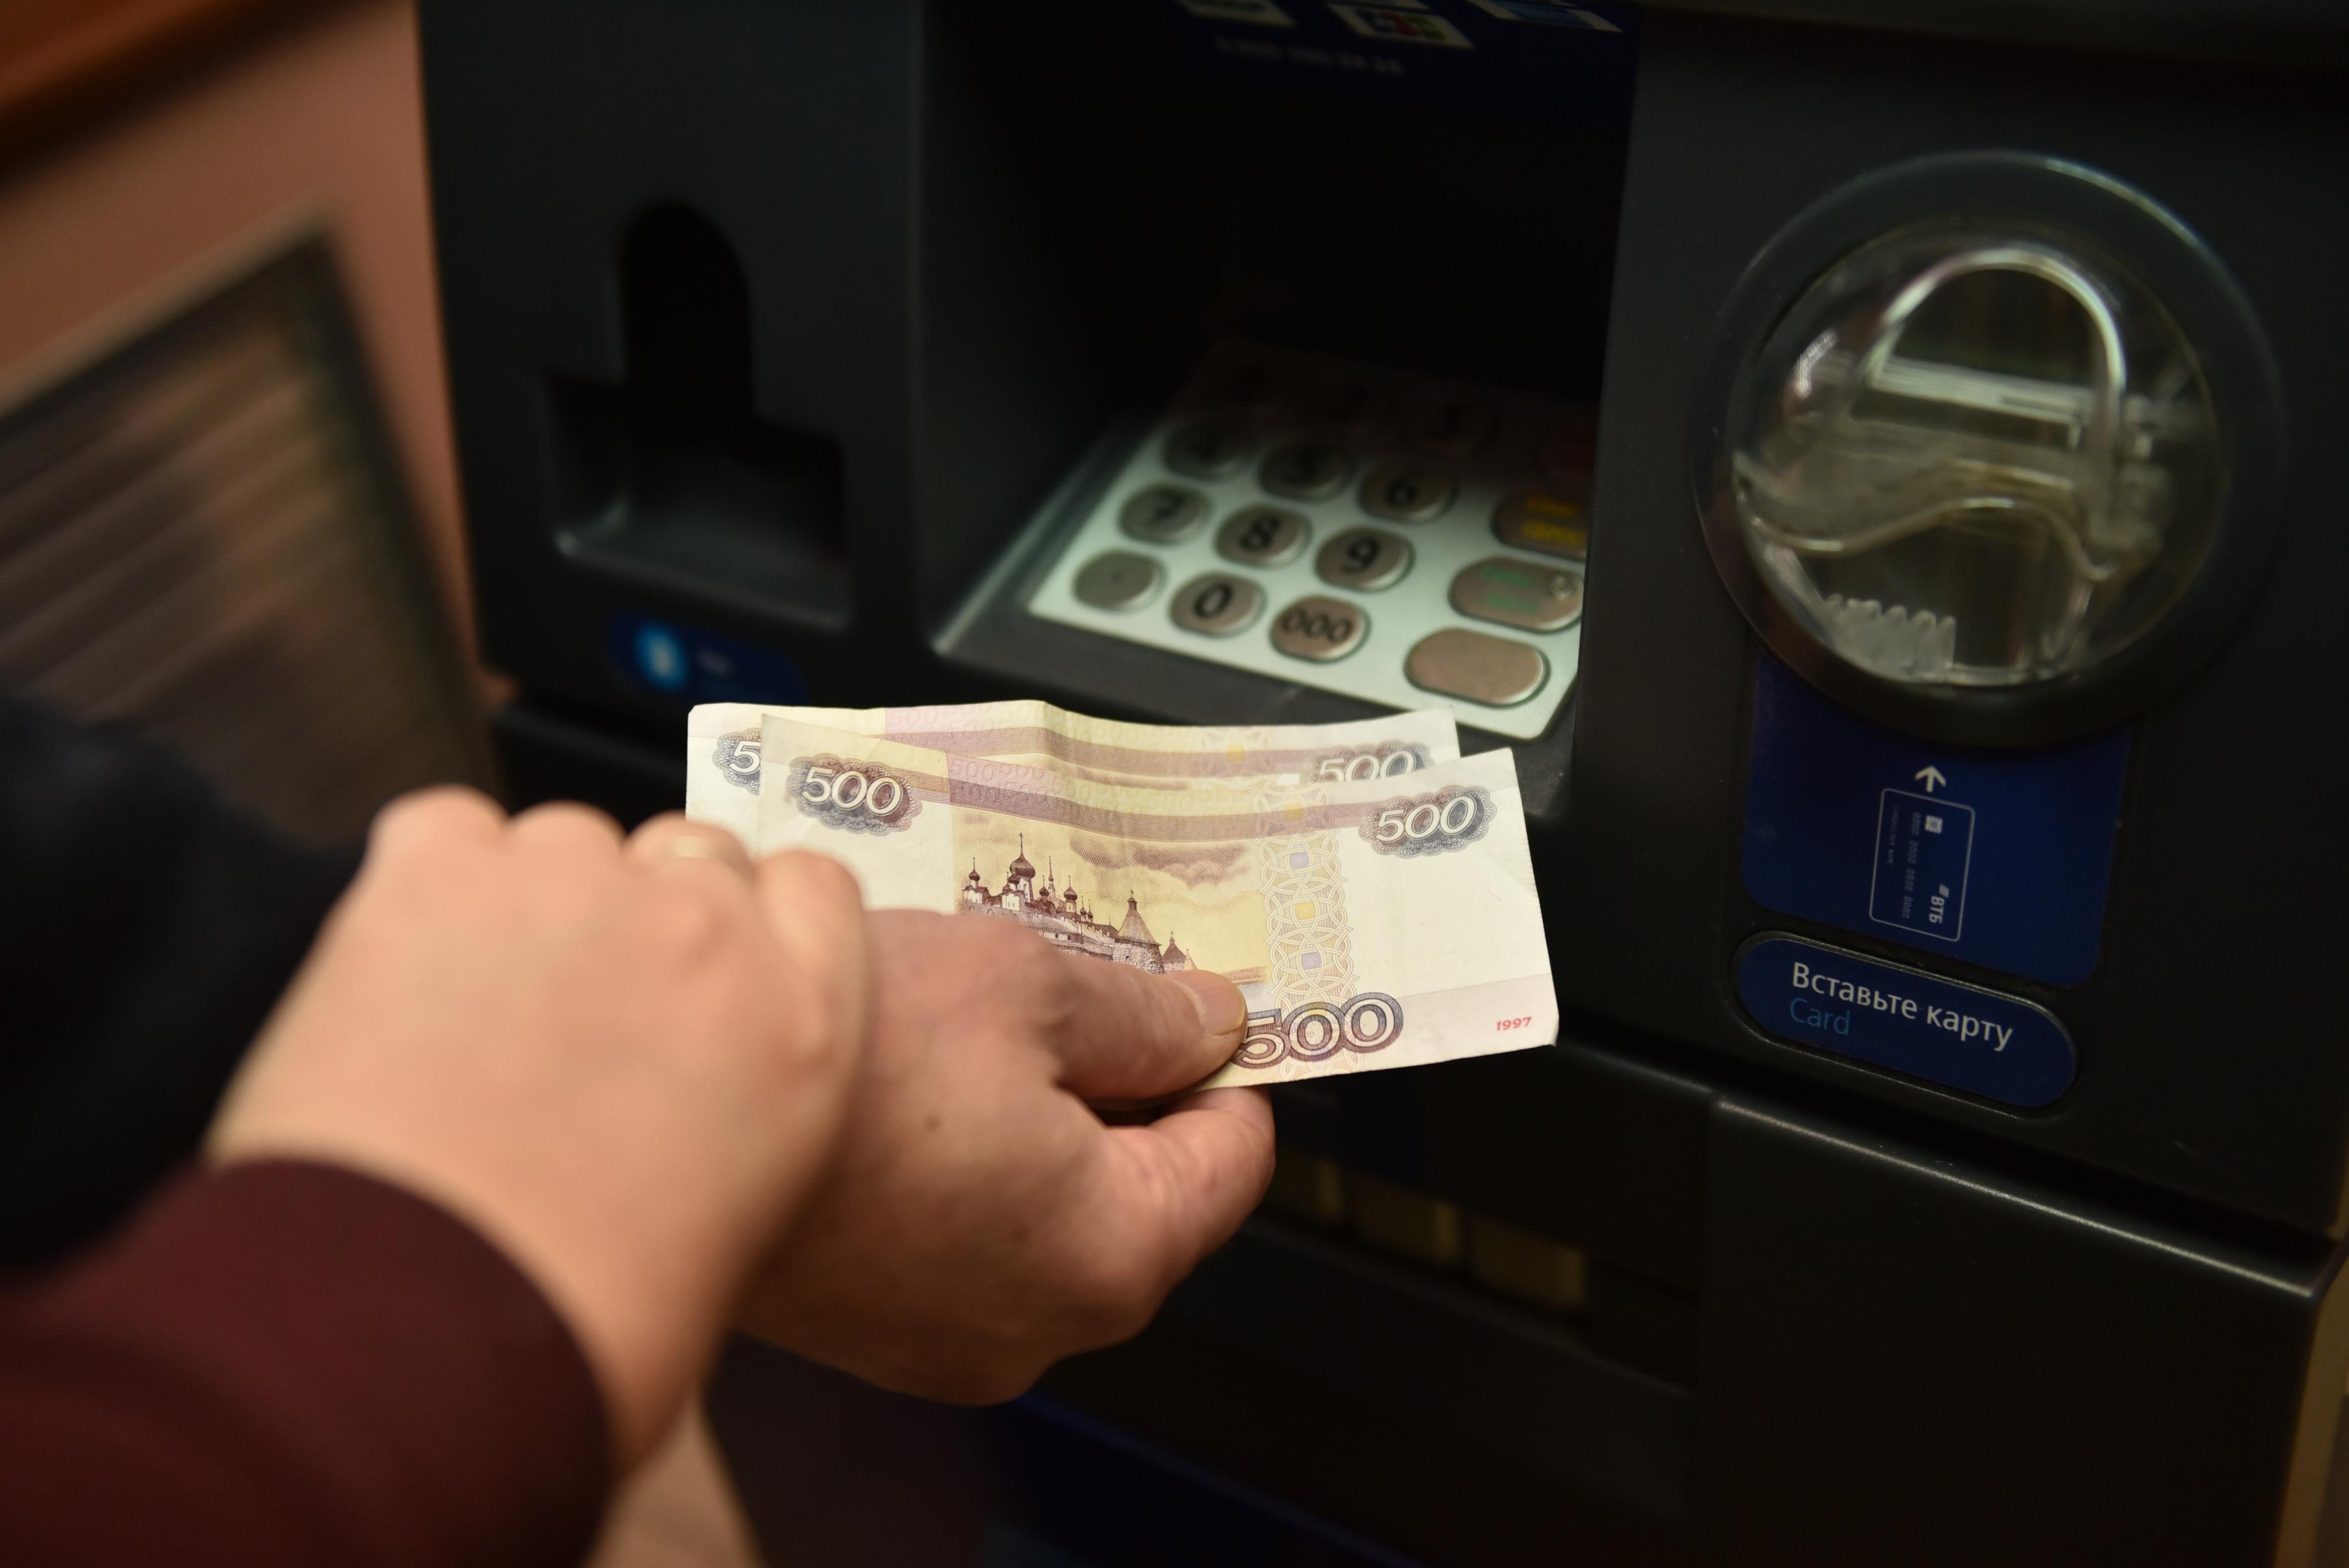 Главная задача профилактических мероприятий - не дать человеку перевести деньги мошенникам